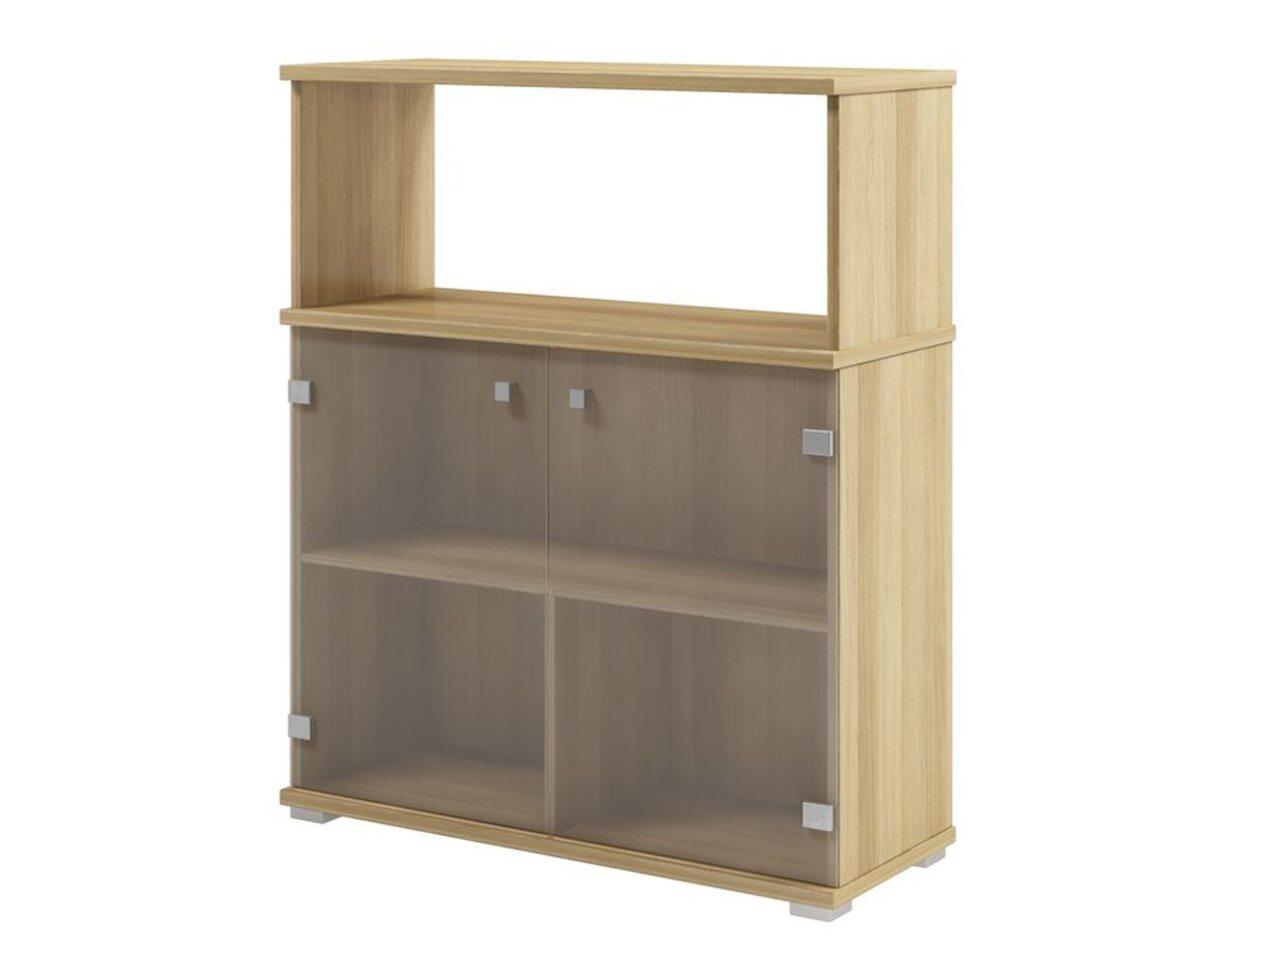 Шкаф приставной к столу  Space 90x35x108 - фото 3